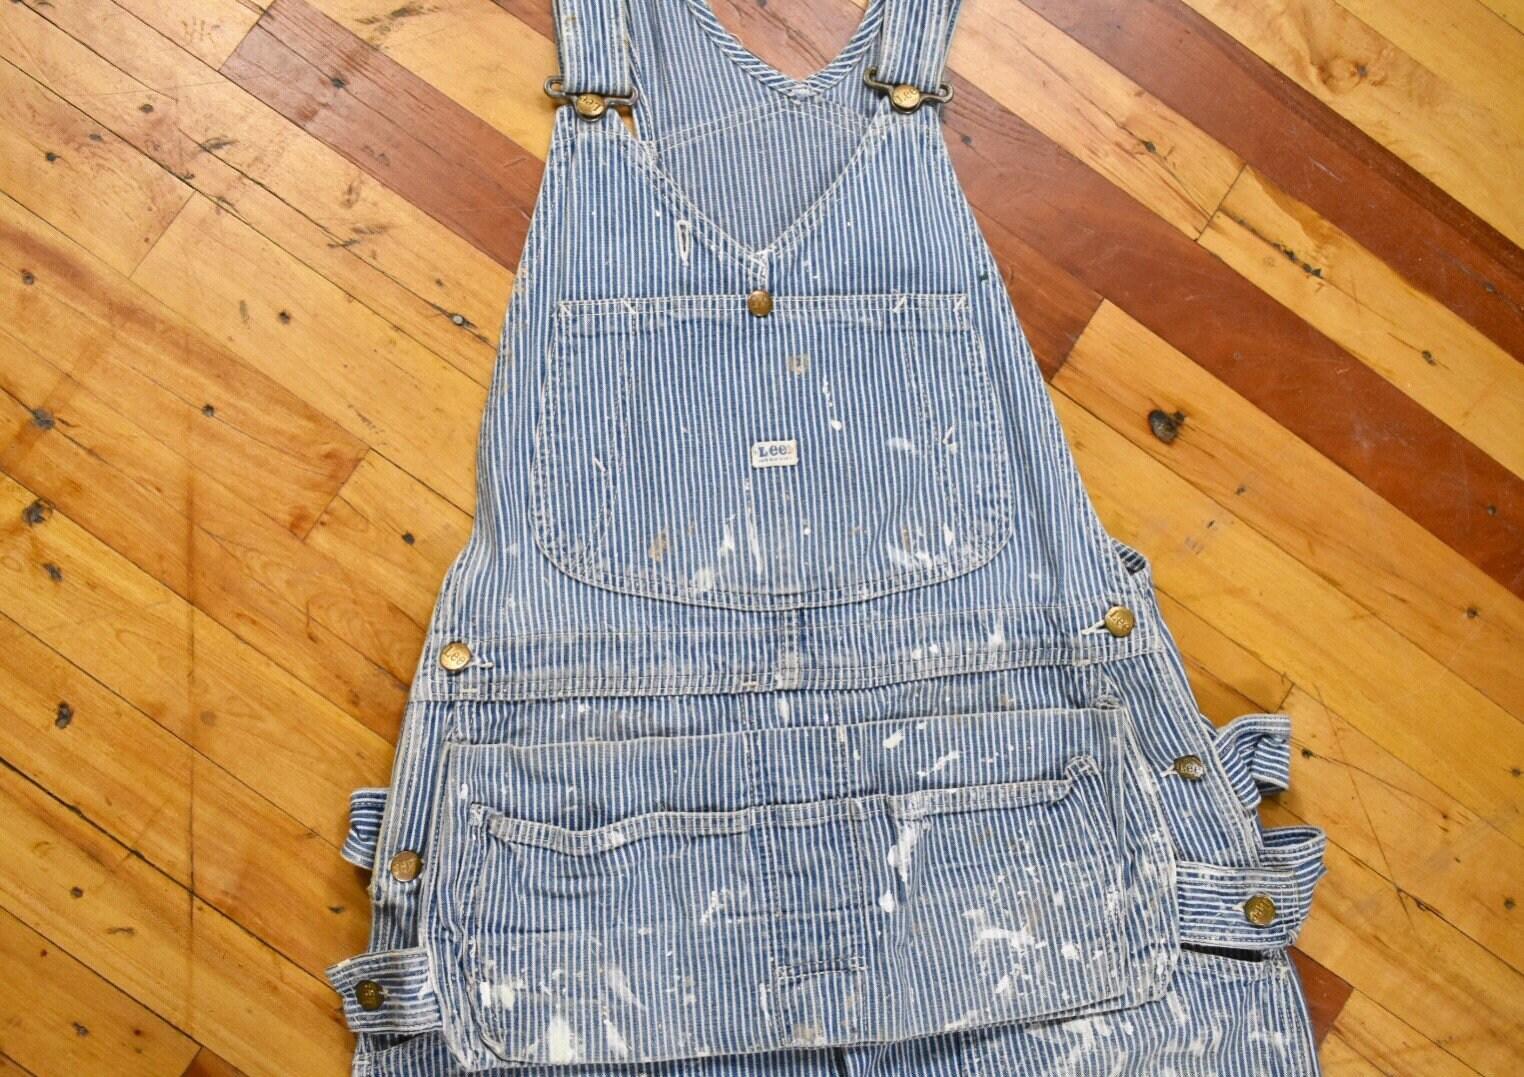 1960s – 70s Men's Ties | Skinny Ties, Slim Ties 60S Lee Hickory Stripe Overalls Mens Vintage Work Wear $20.00 AT vintagedancer.com